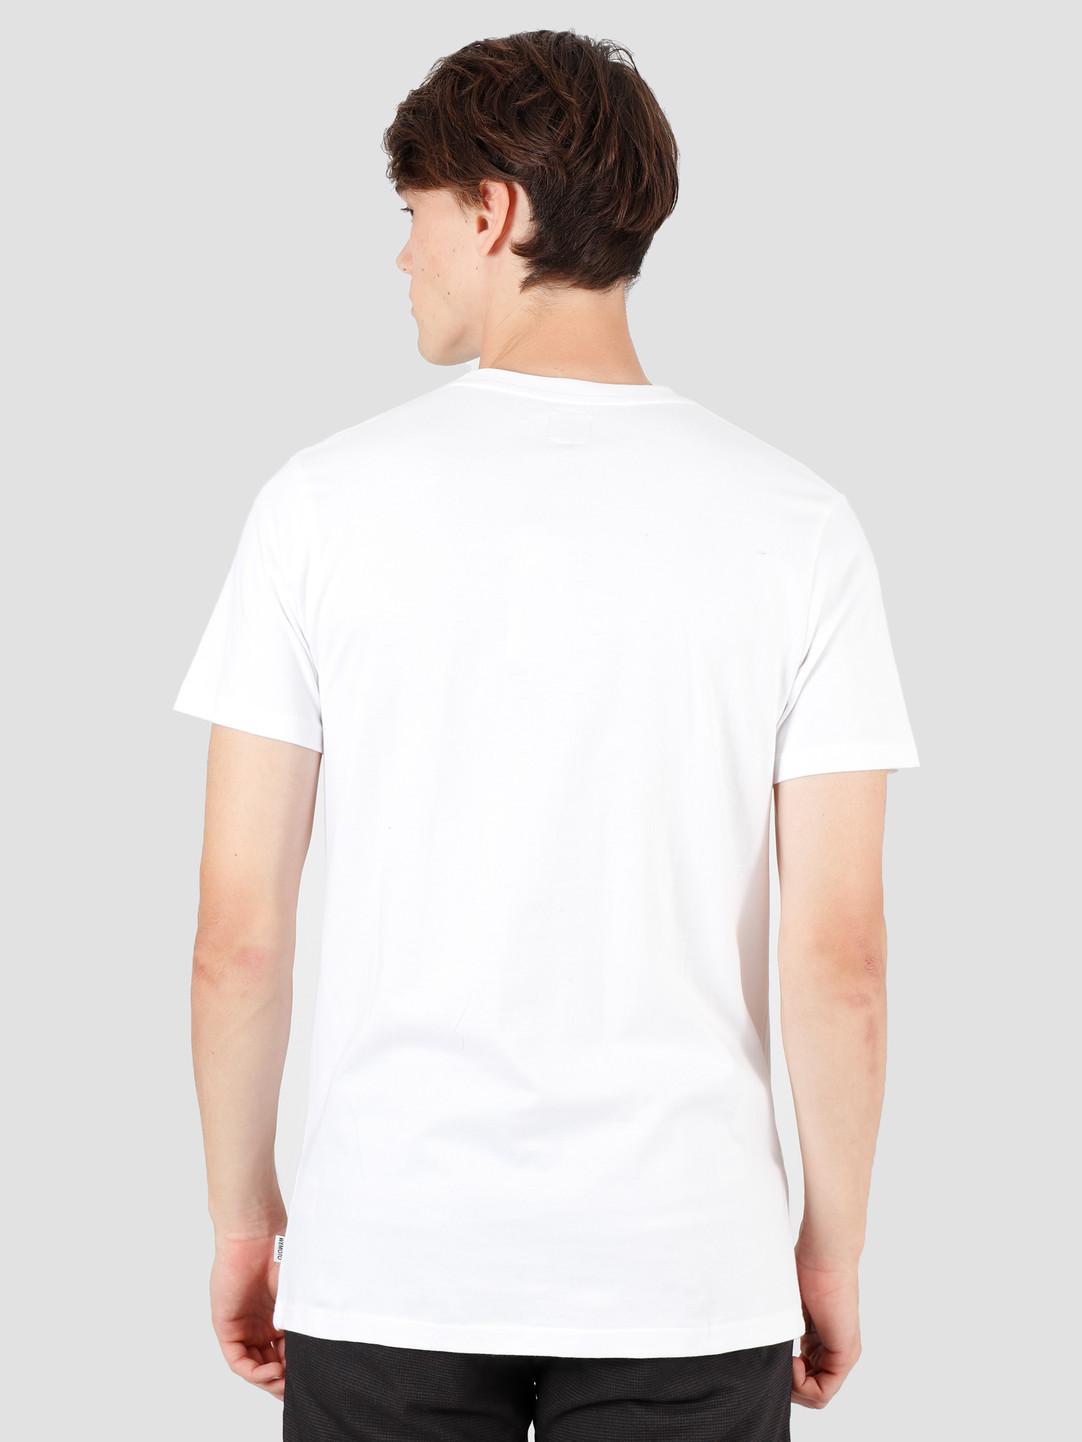 Wemoto Wemoto Wild T-Shirt White 141.117-200